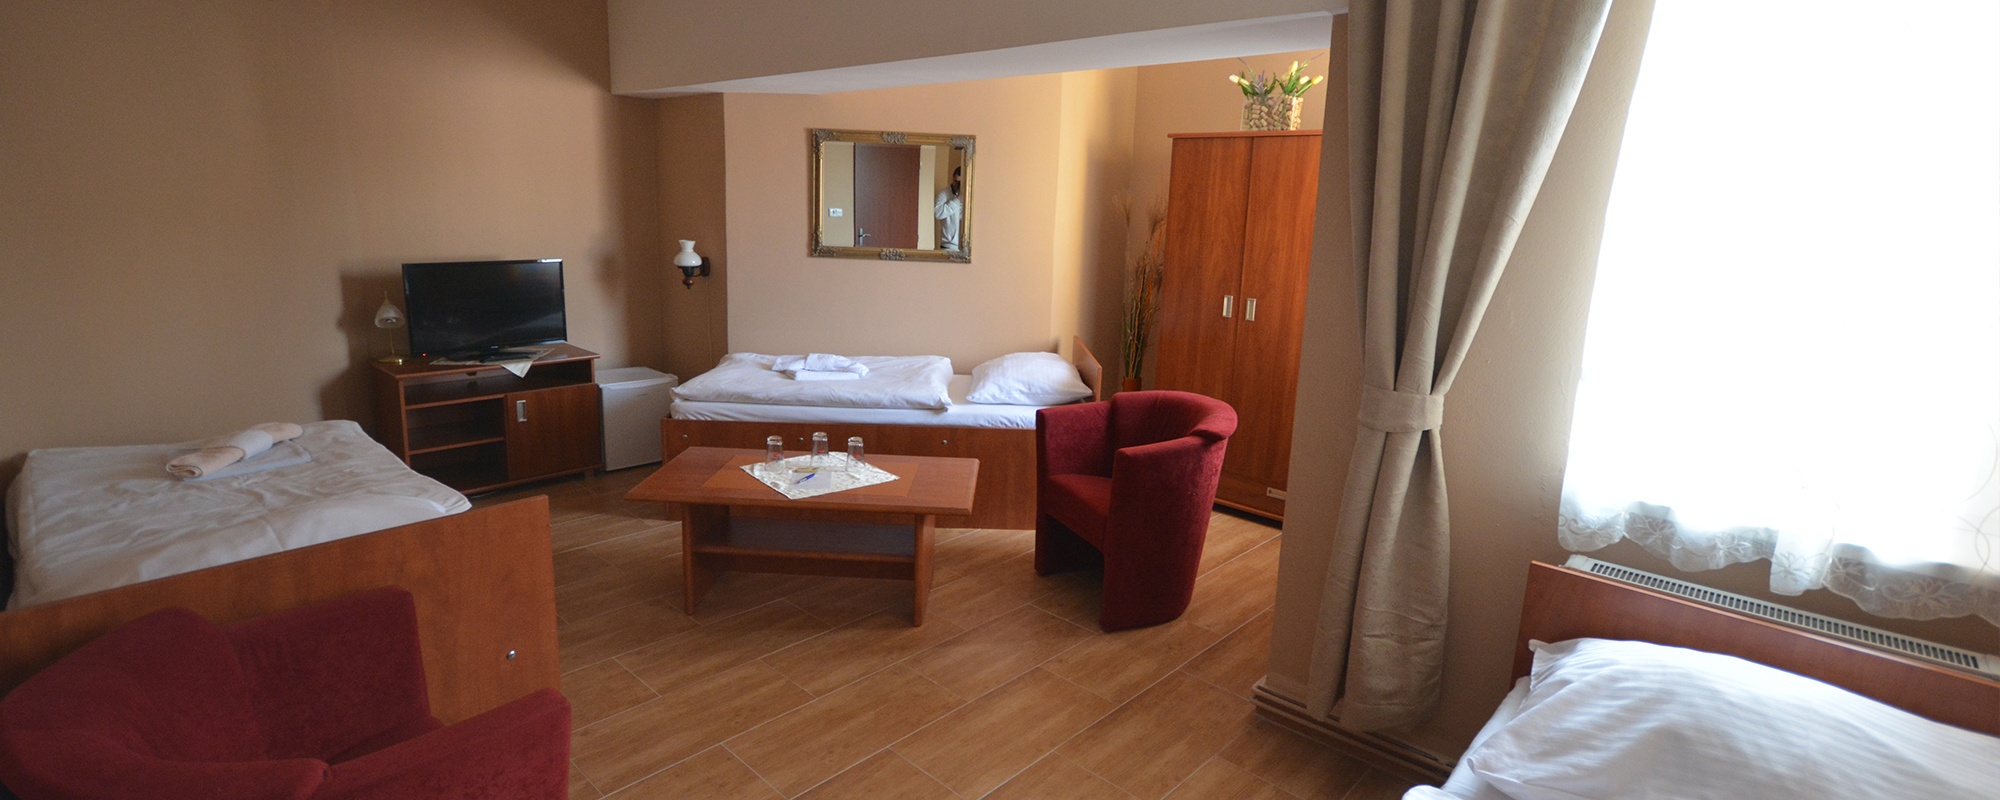 Komfortní a cenově dostupné ubytování